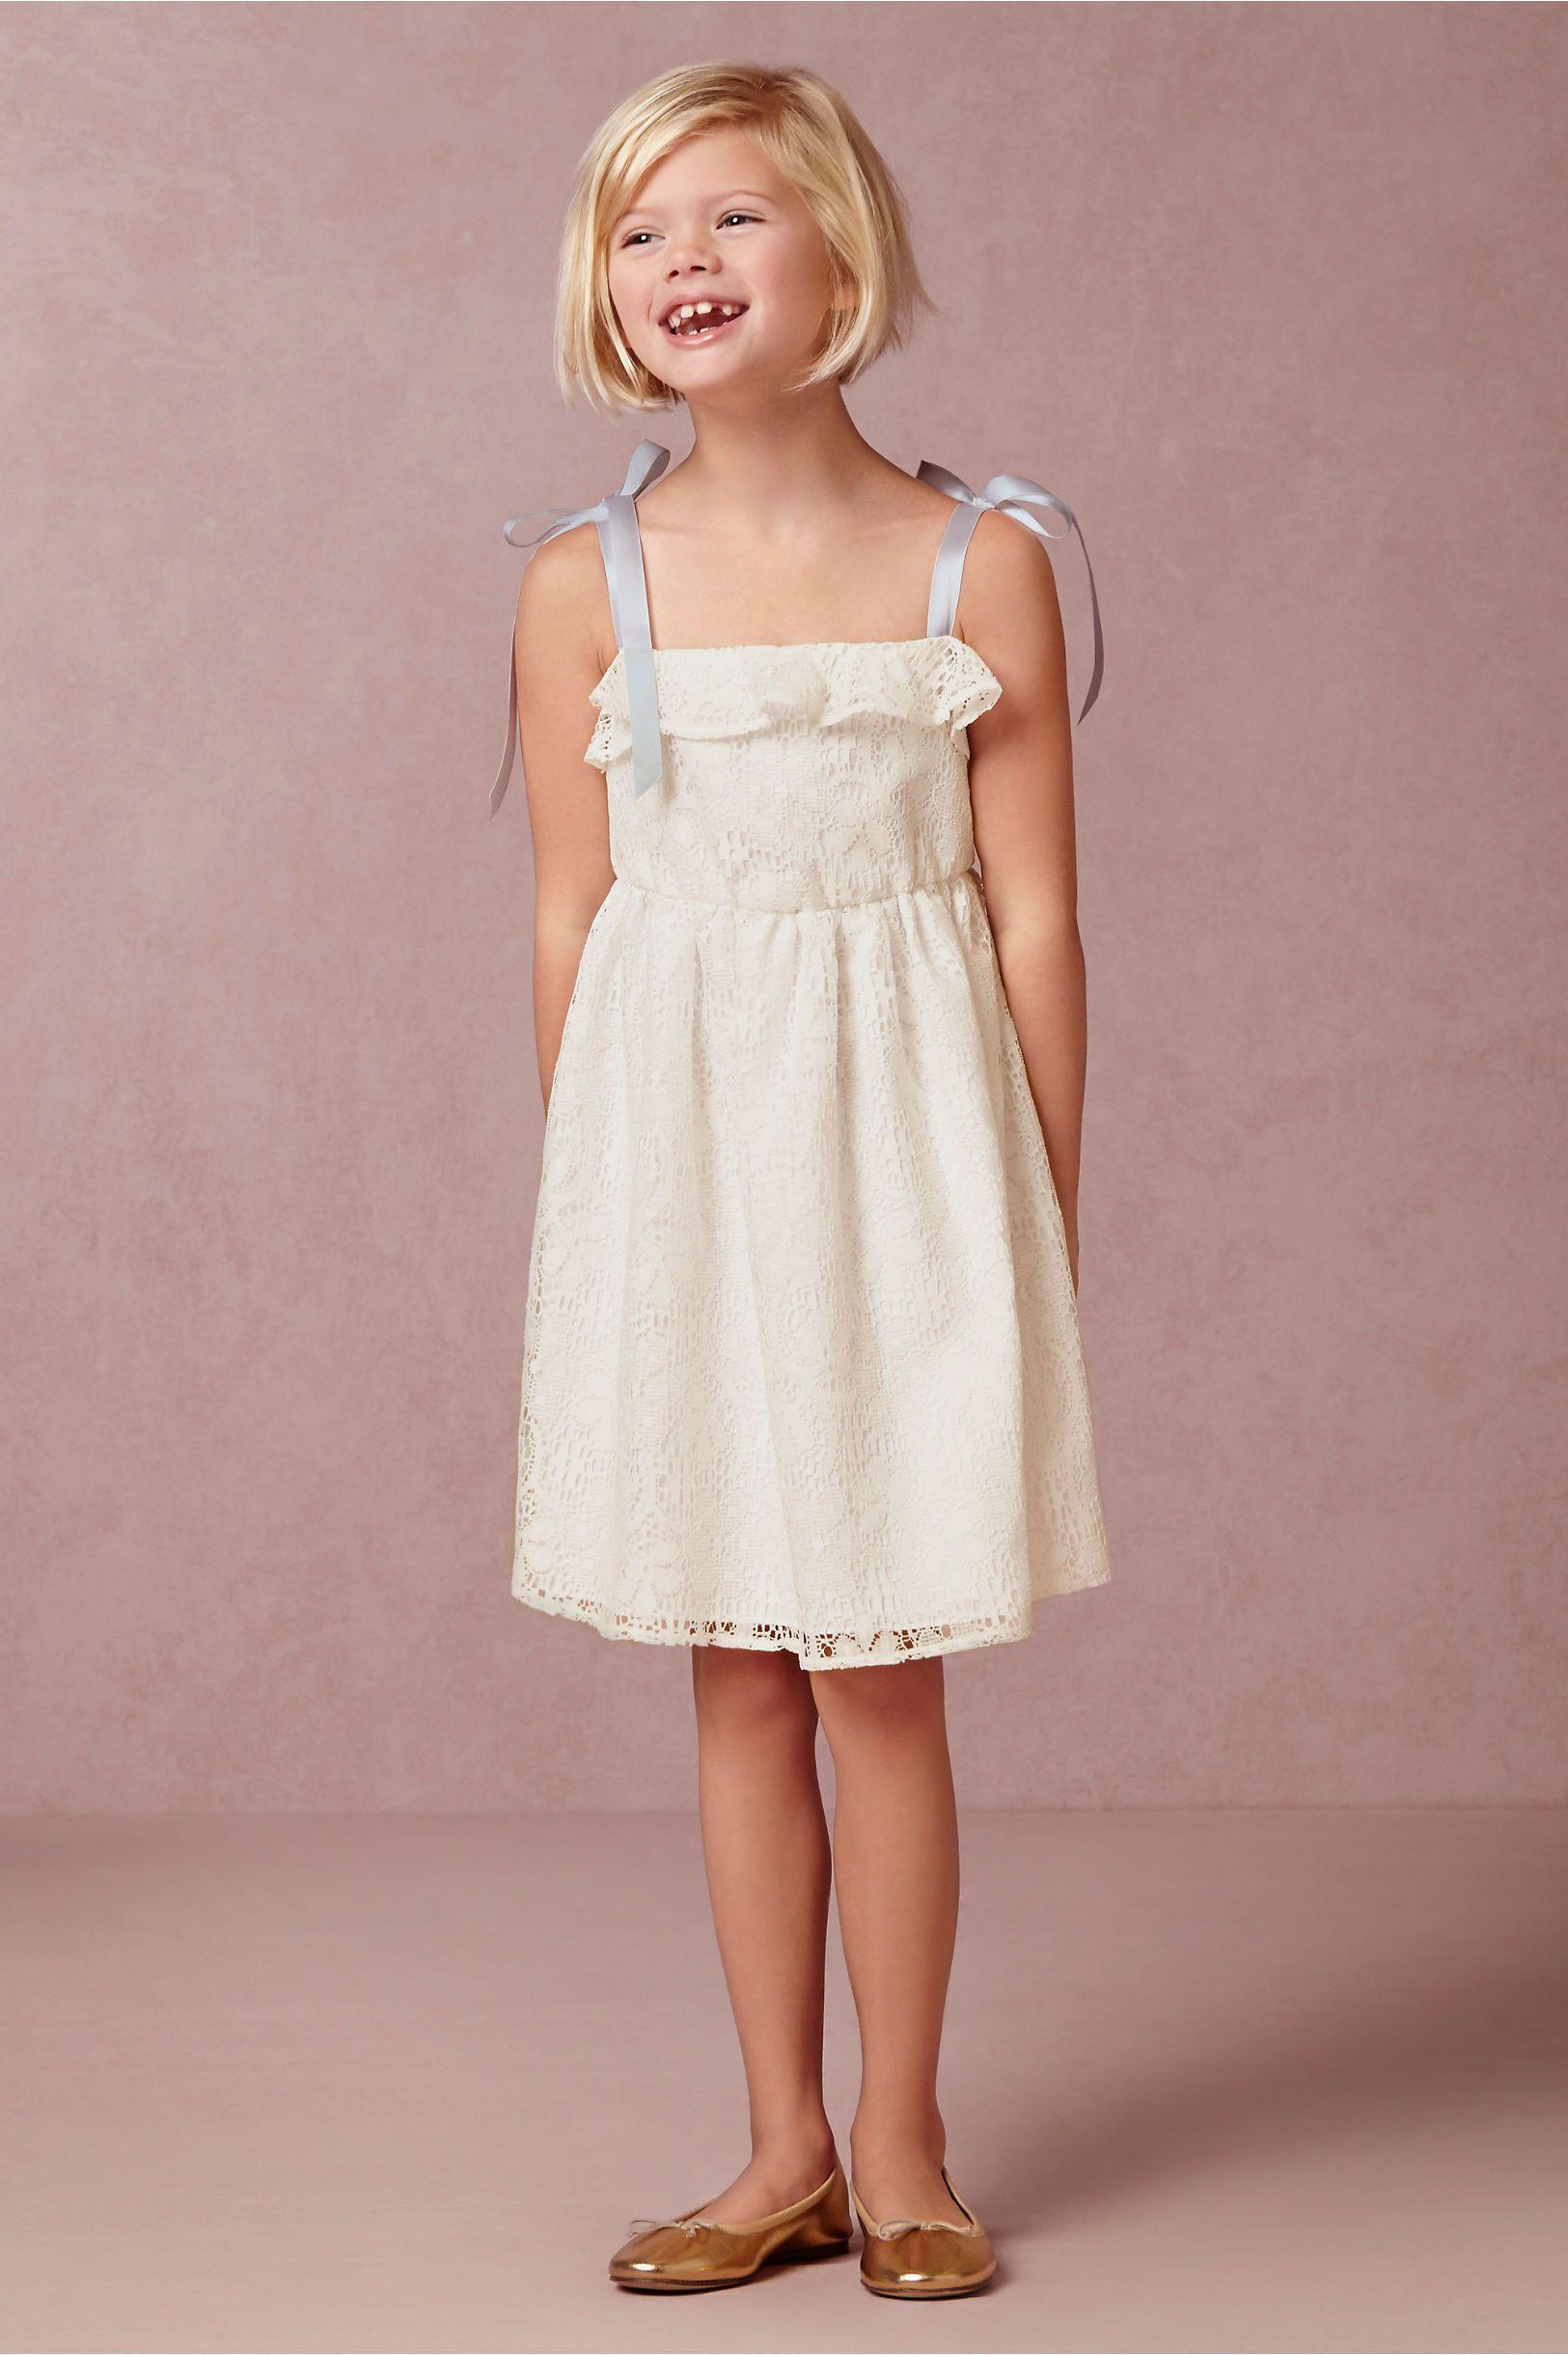 Tess dress flowergirl dress bridal parties and wedding goals